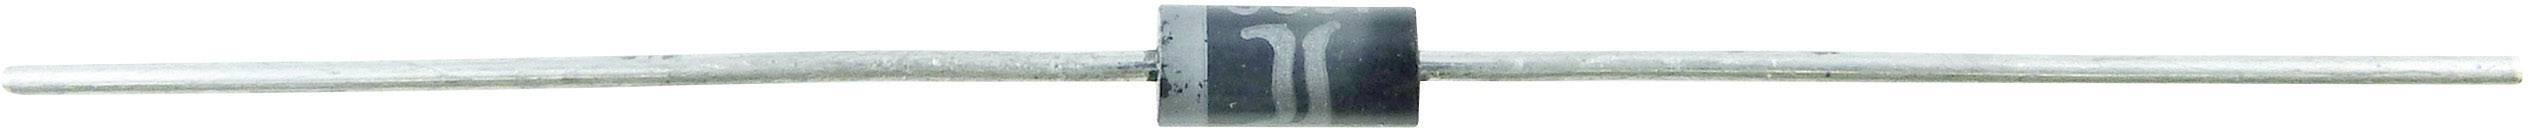 Schottkyho usmerňovacia dióda Diotec SB190, 1 A, 90 V